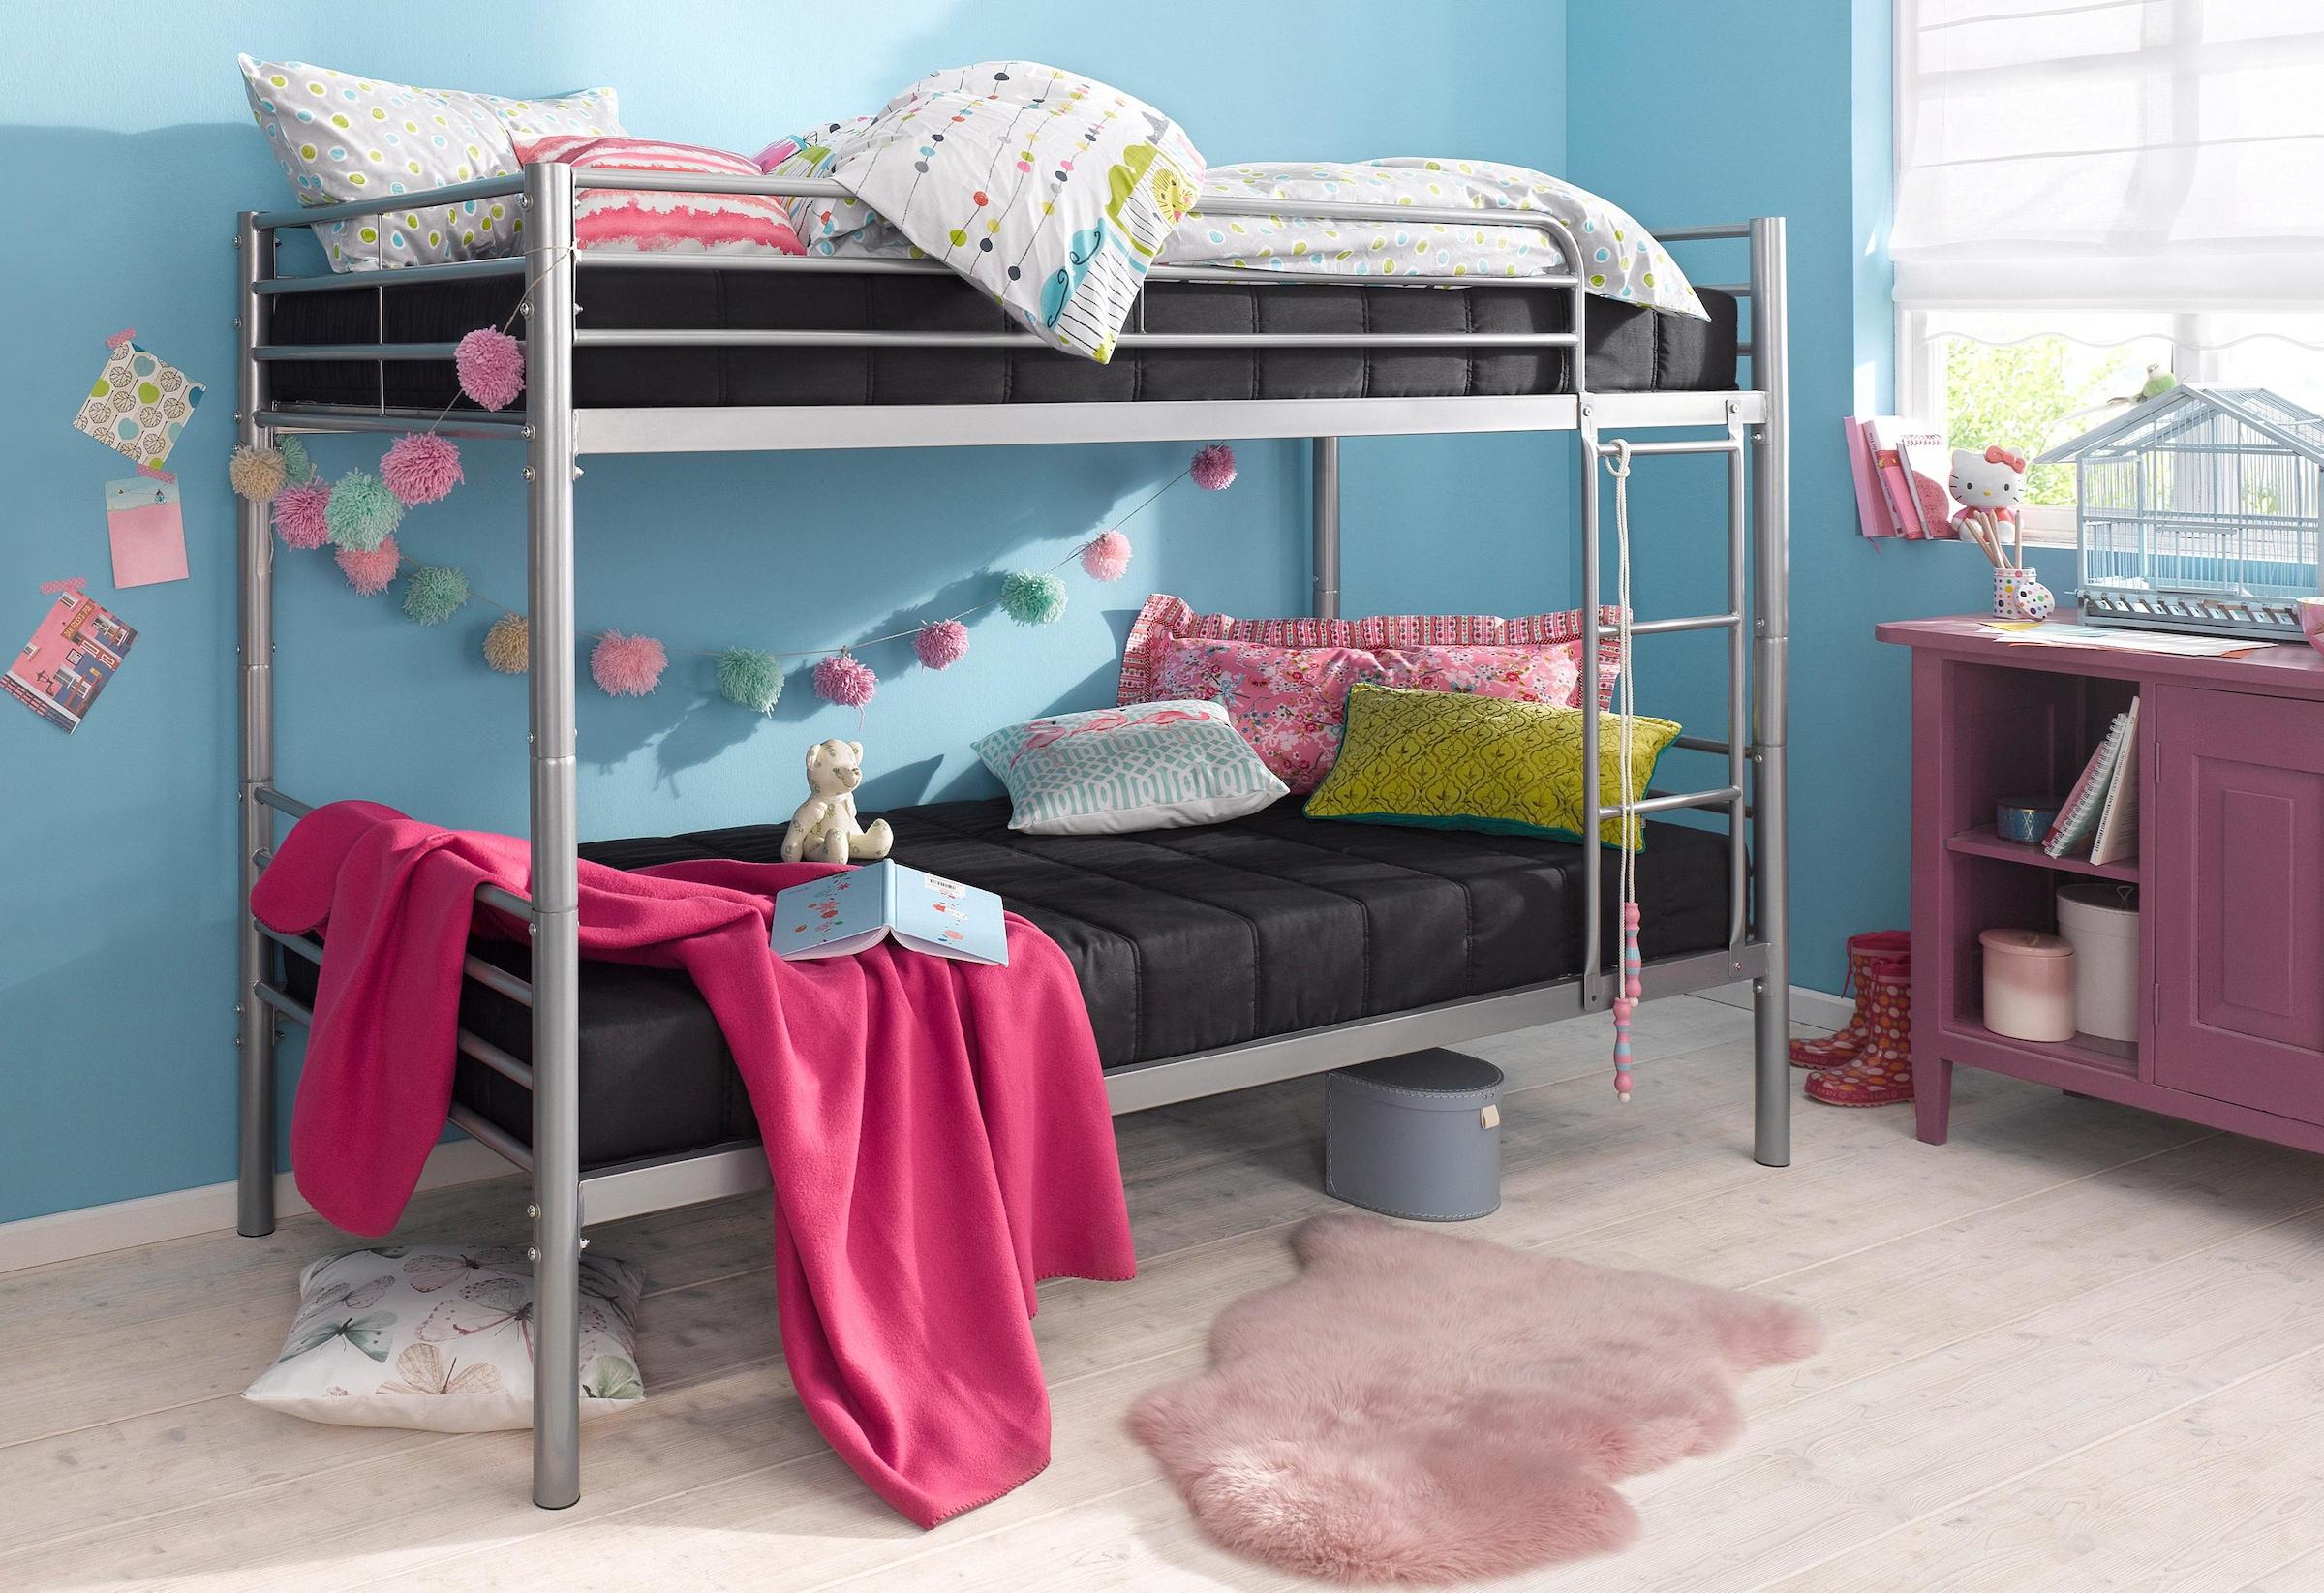 Etagenbett Schweiz : Kinderbett online kaufen schweiz ikea babybett ottos aufregend